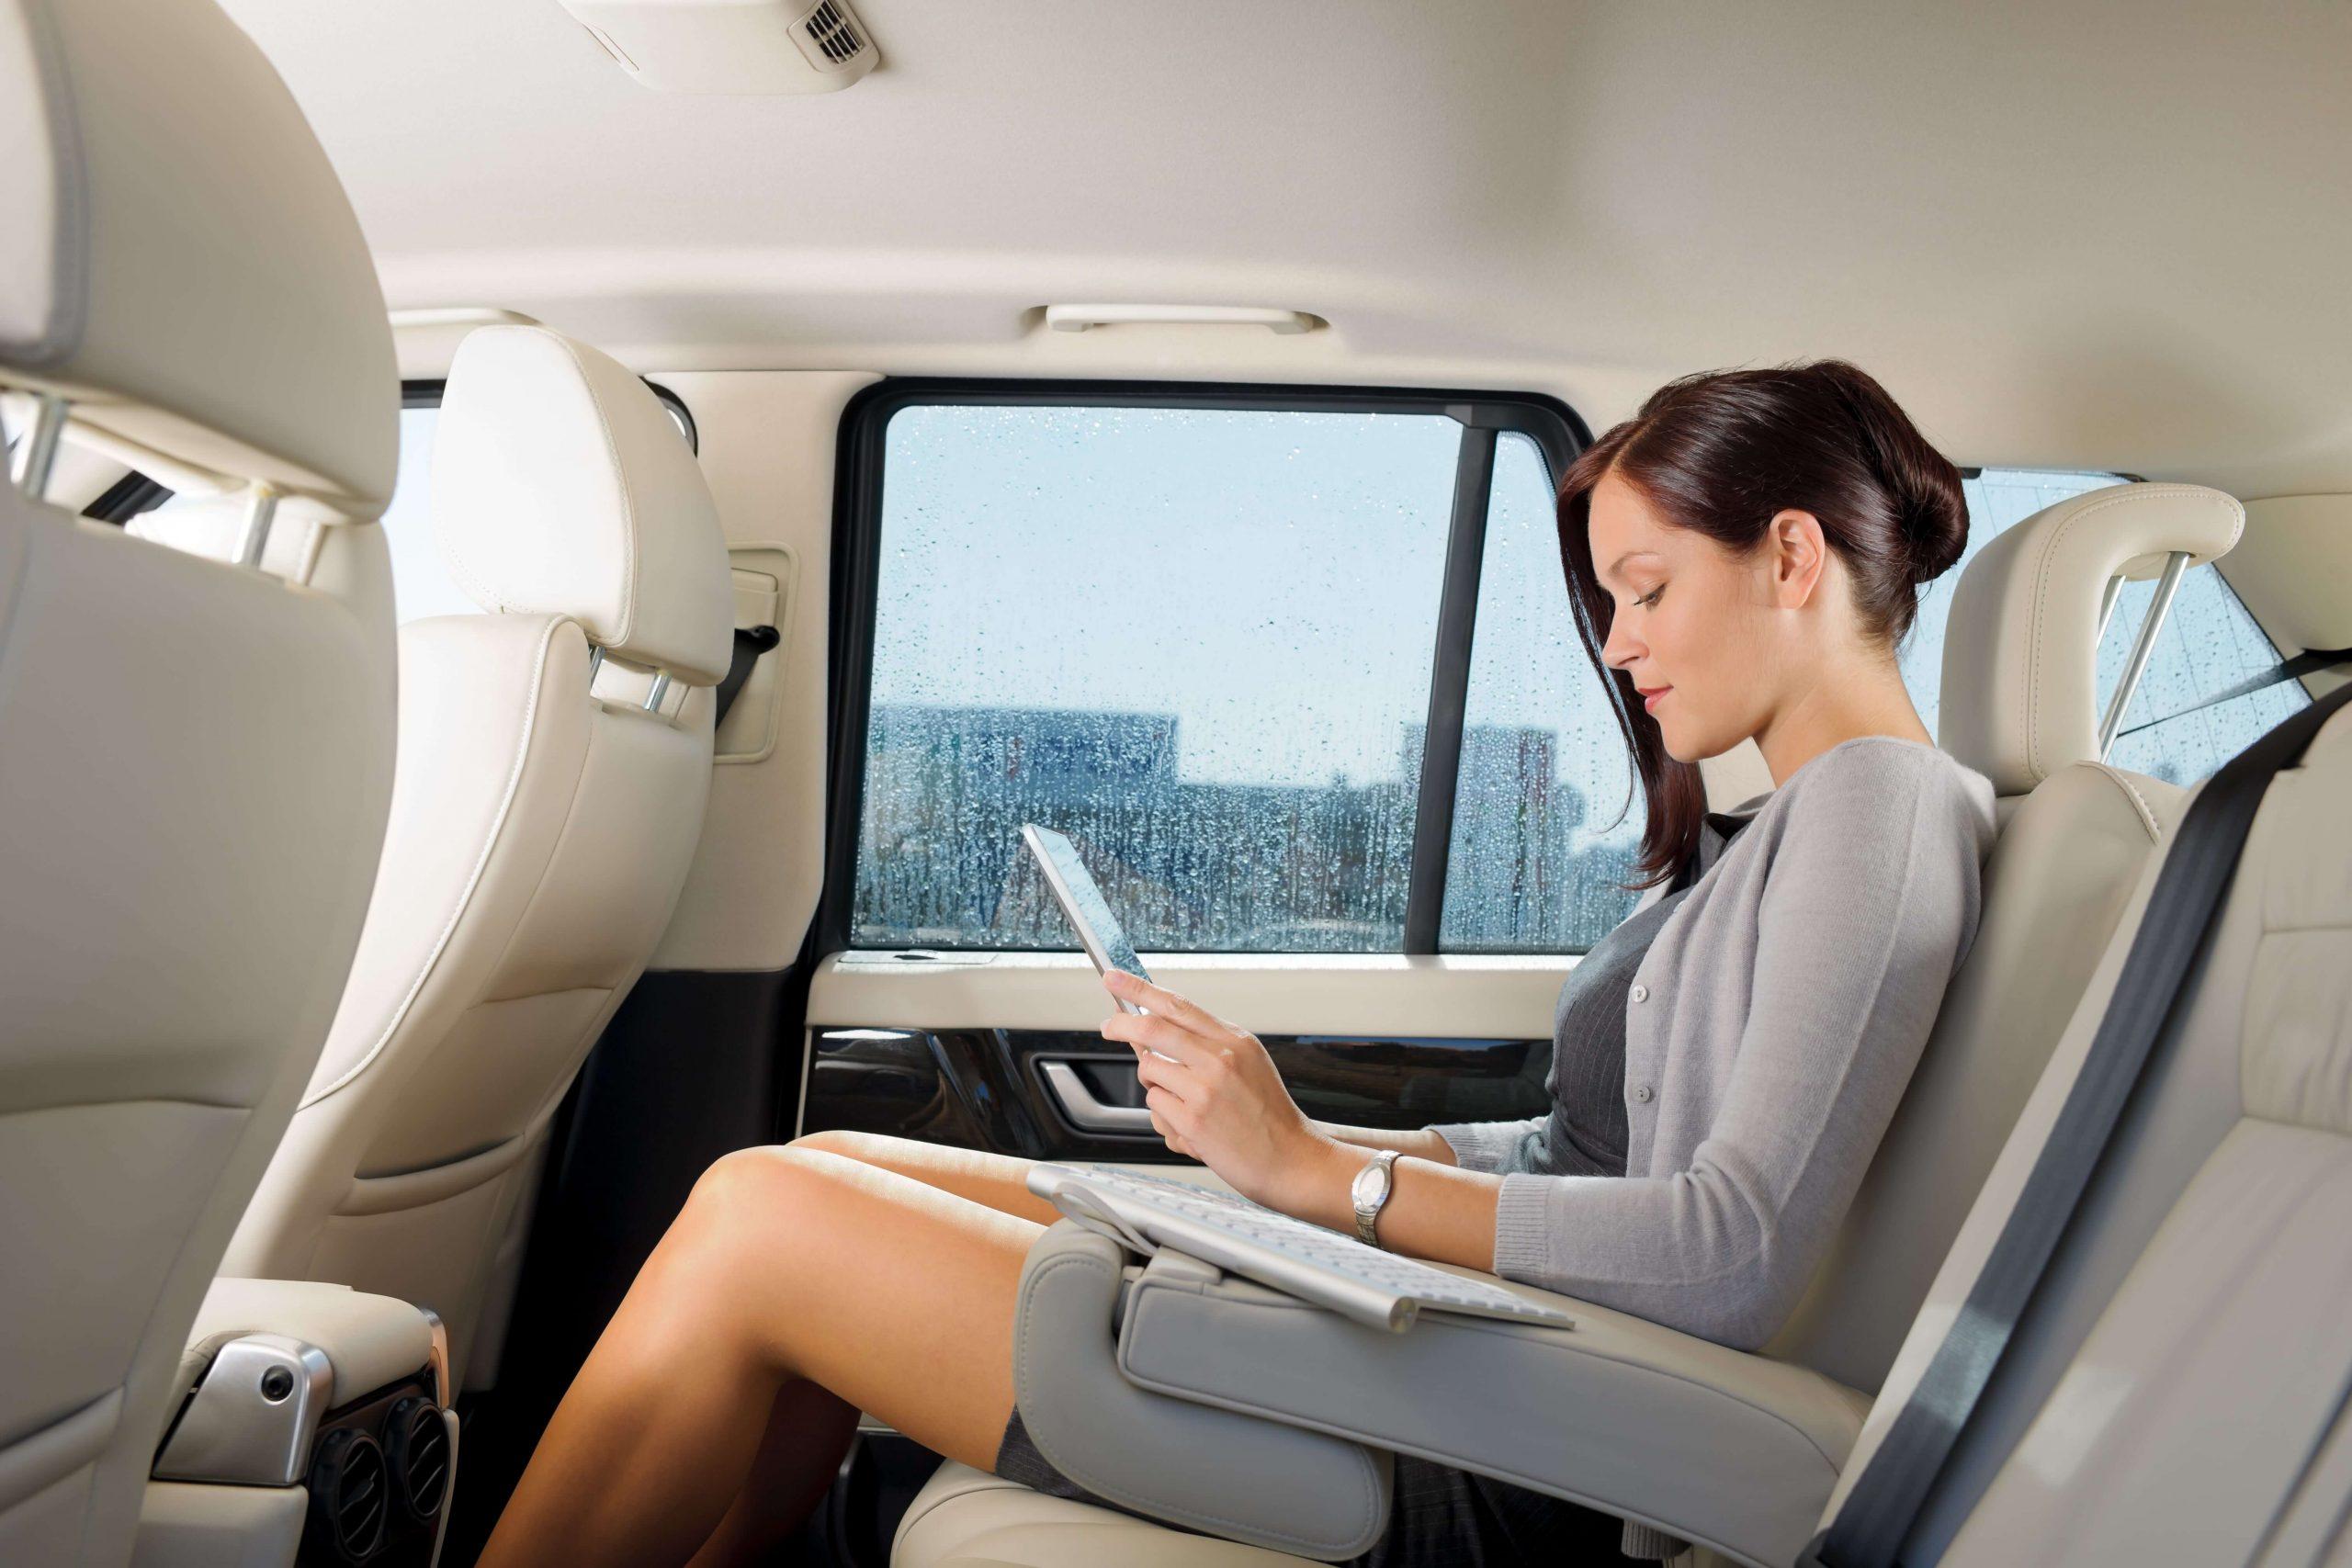 Women in backseat of car